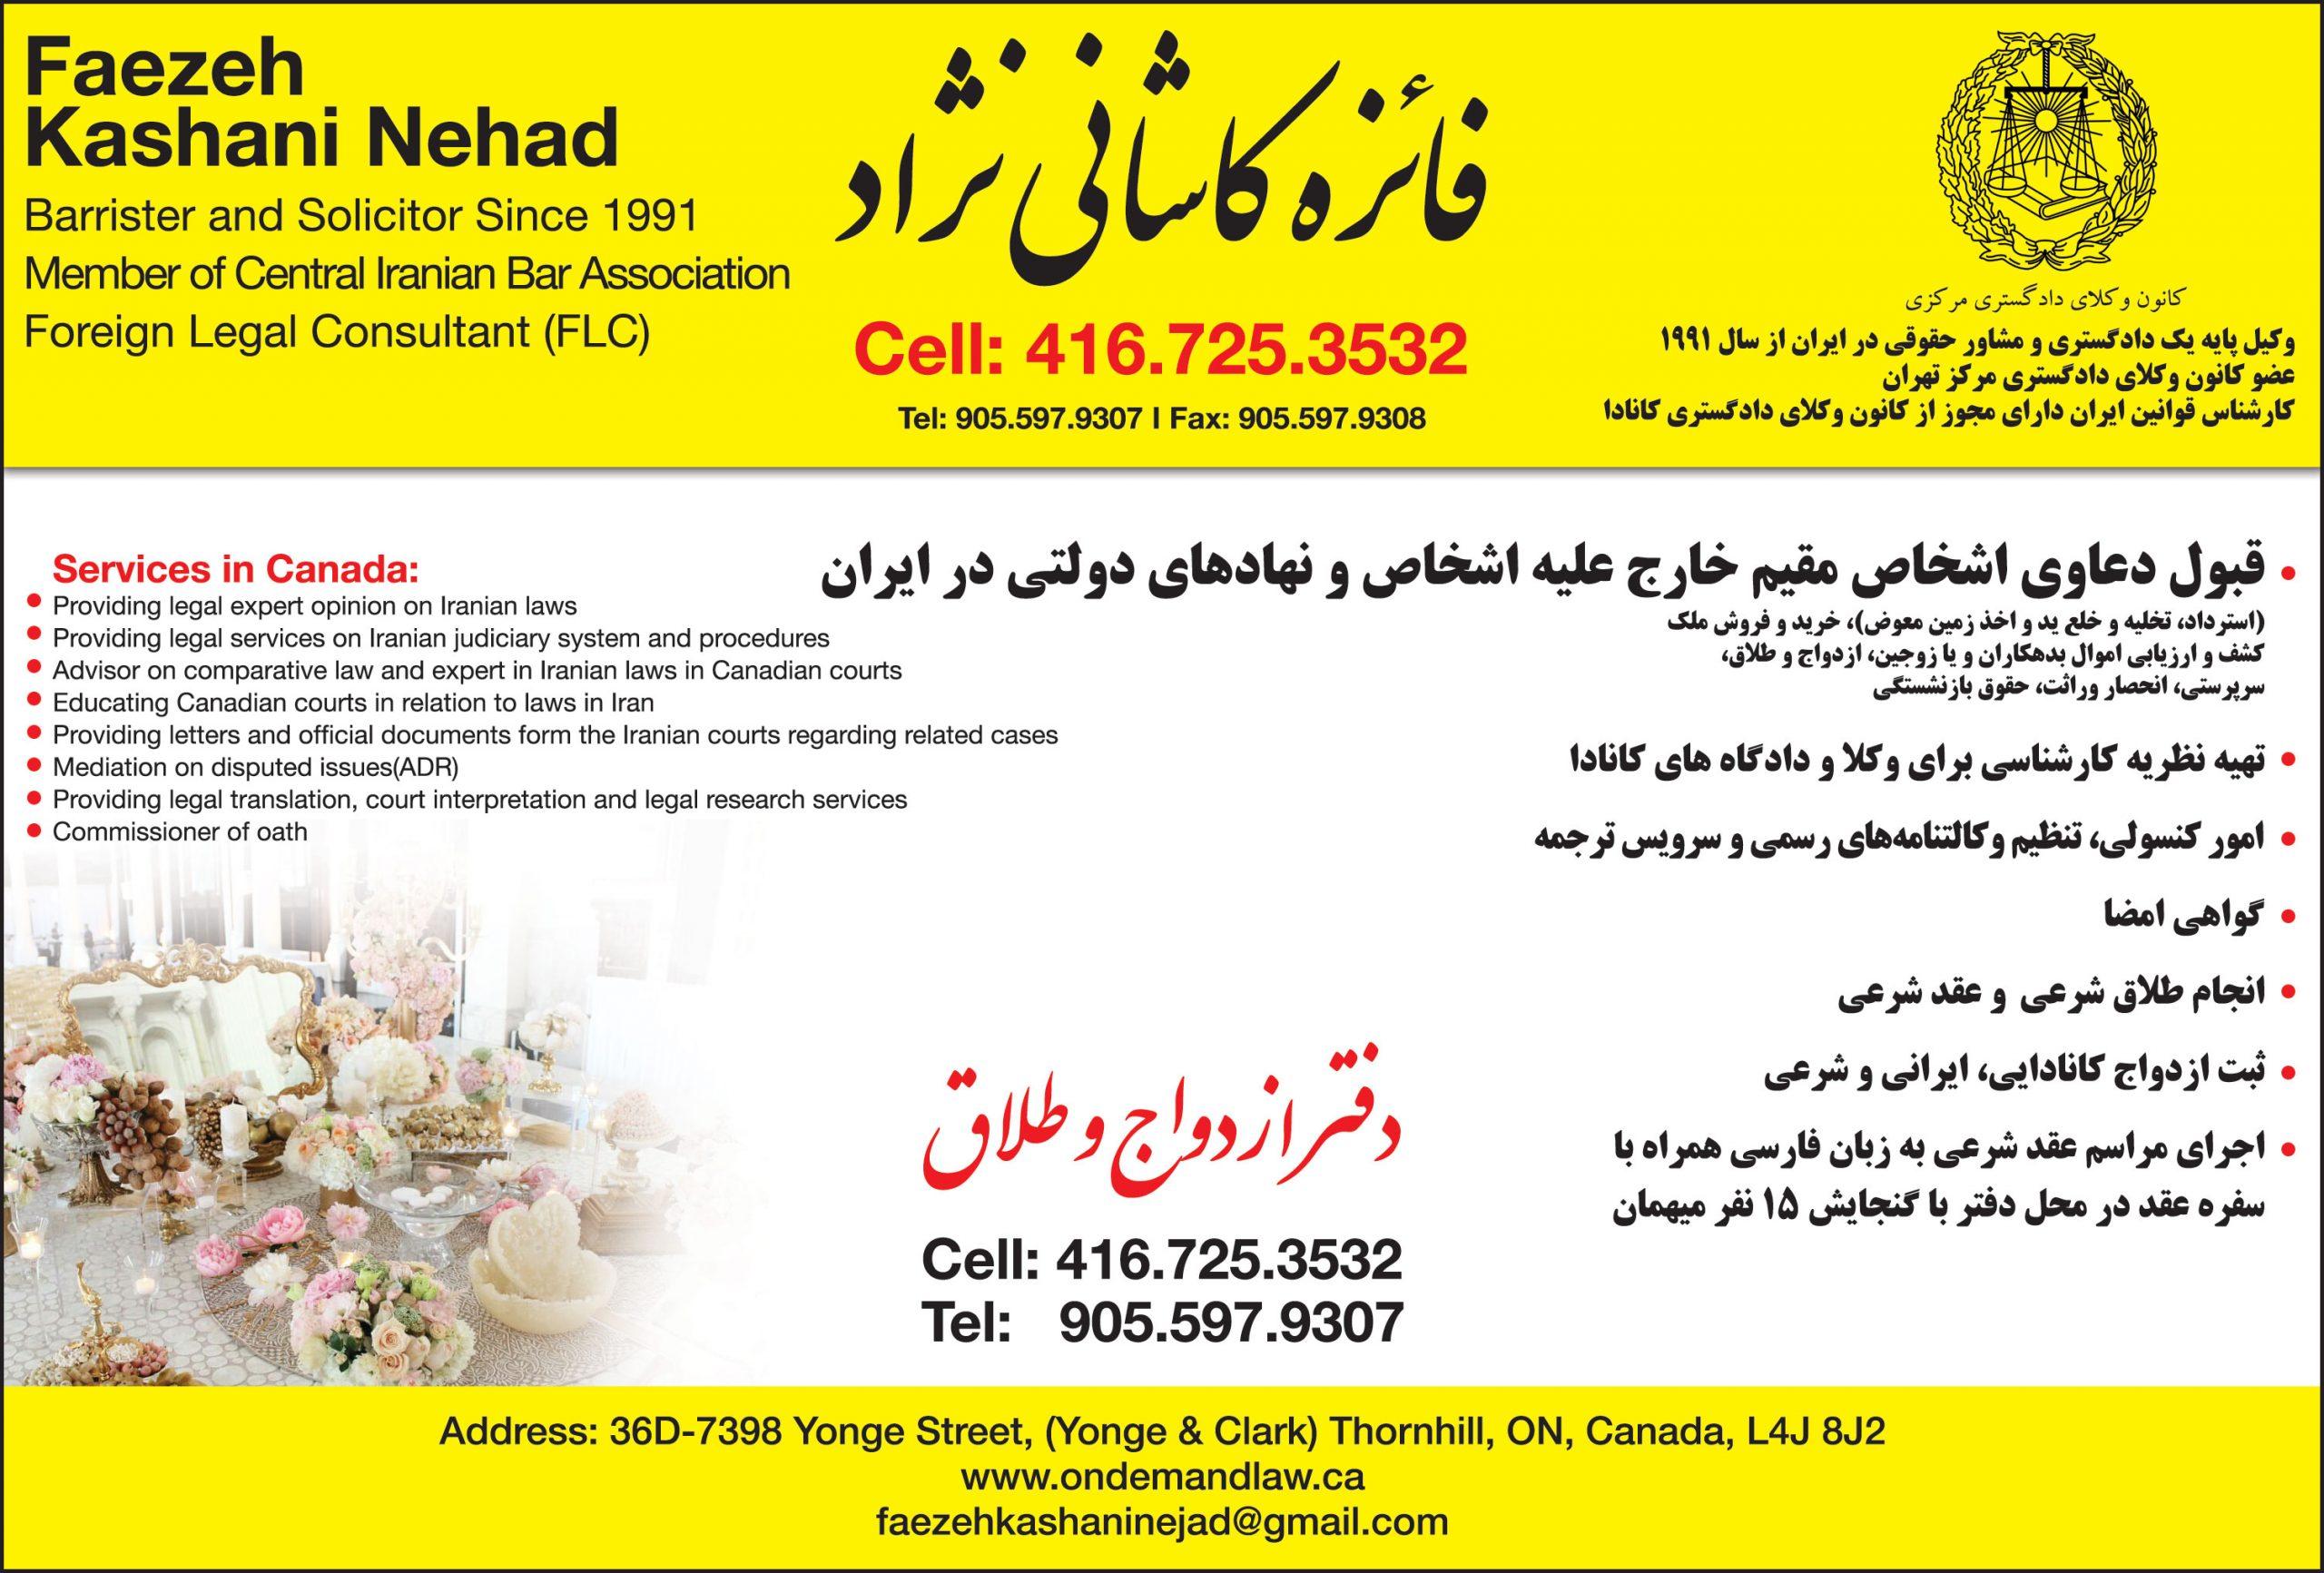 Faezeh-Kashanionejad